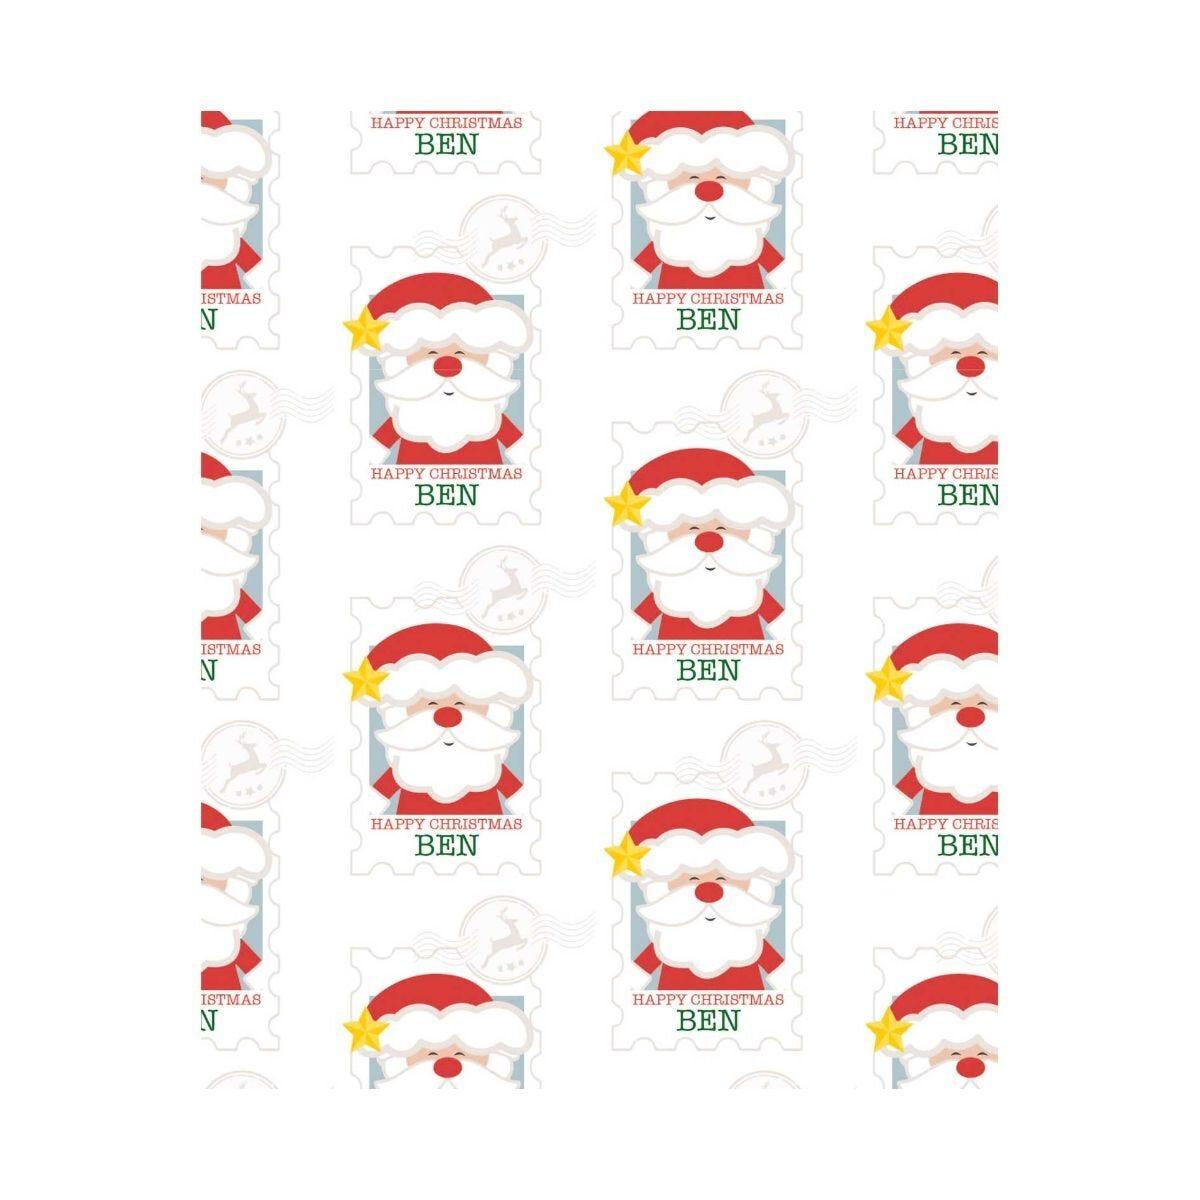 Ryman Personalised Wrapping Paper Santa Stamp 1 Metre x 2 Metre